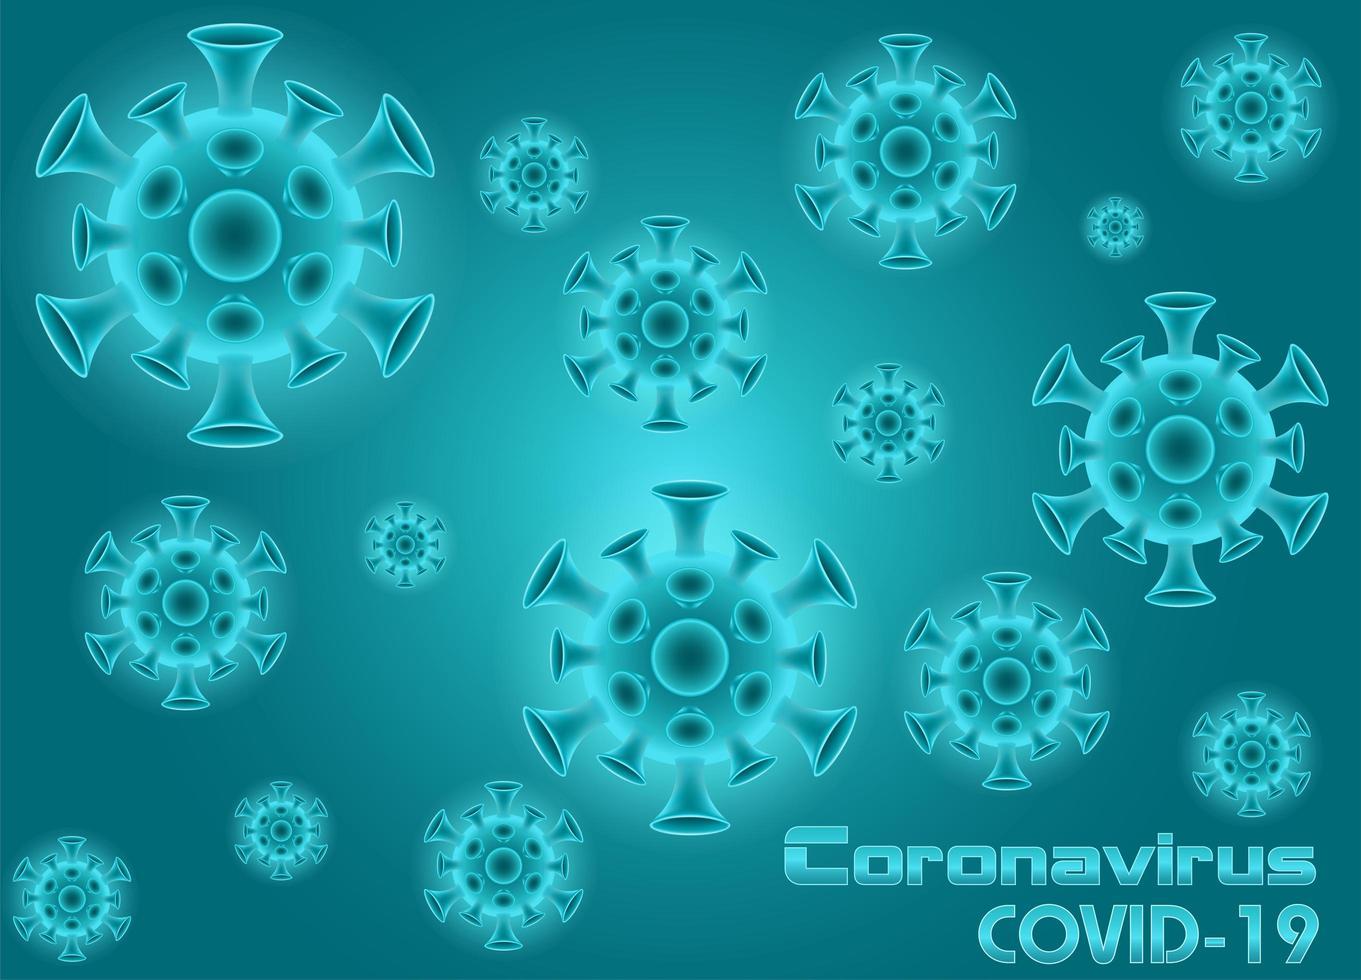 Antecedentes del coronavirus pandémico covid-19 vector